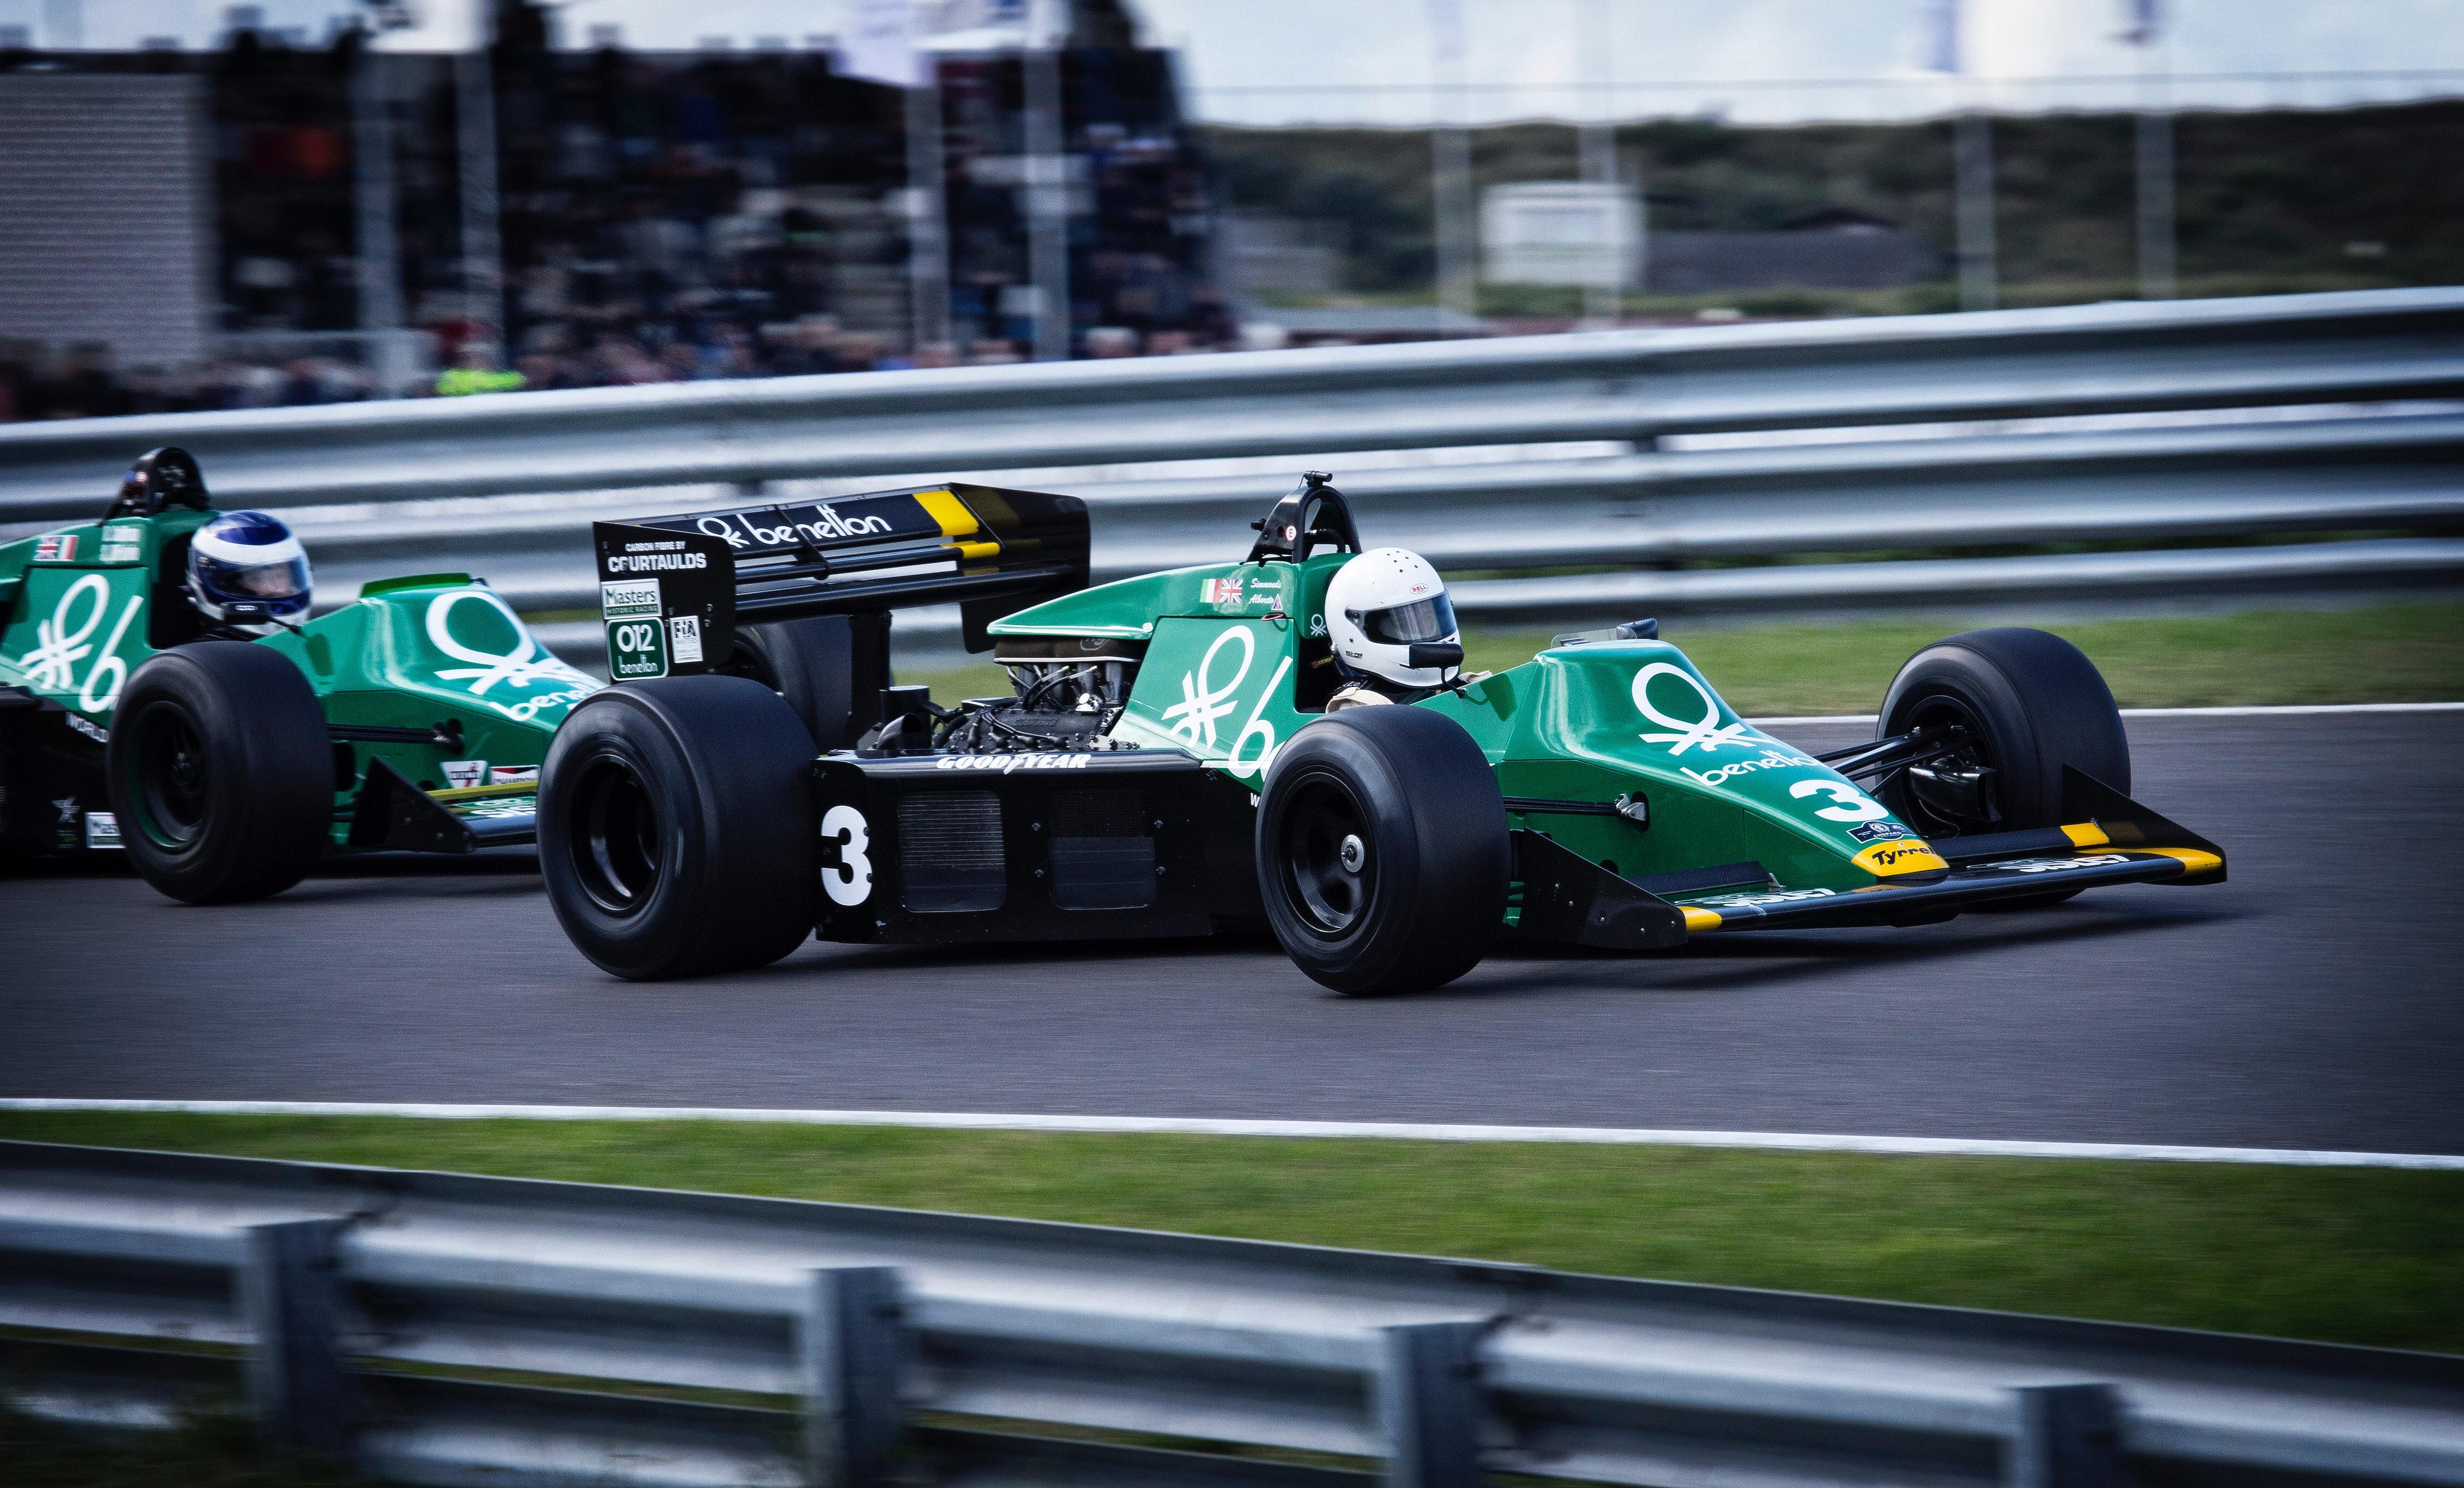 Fórmula E: automobilismo ecológico